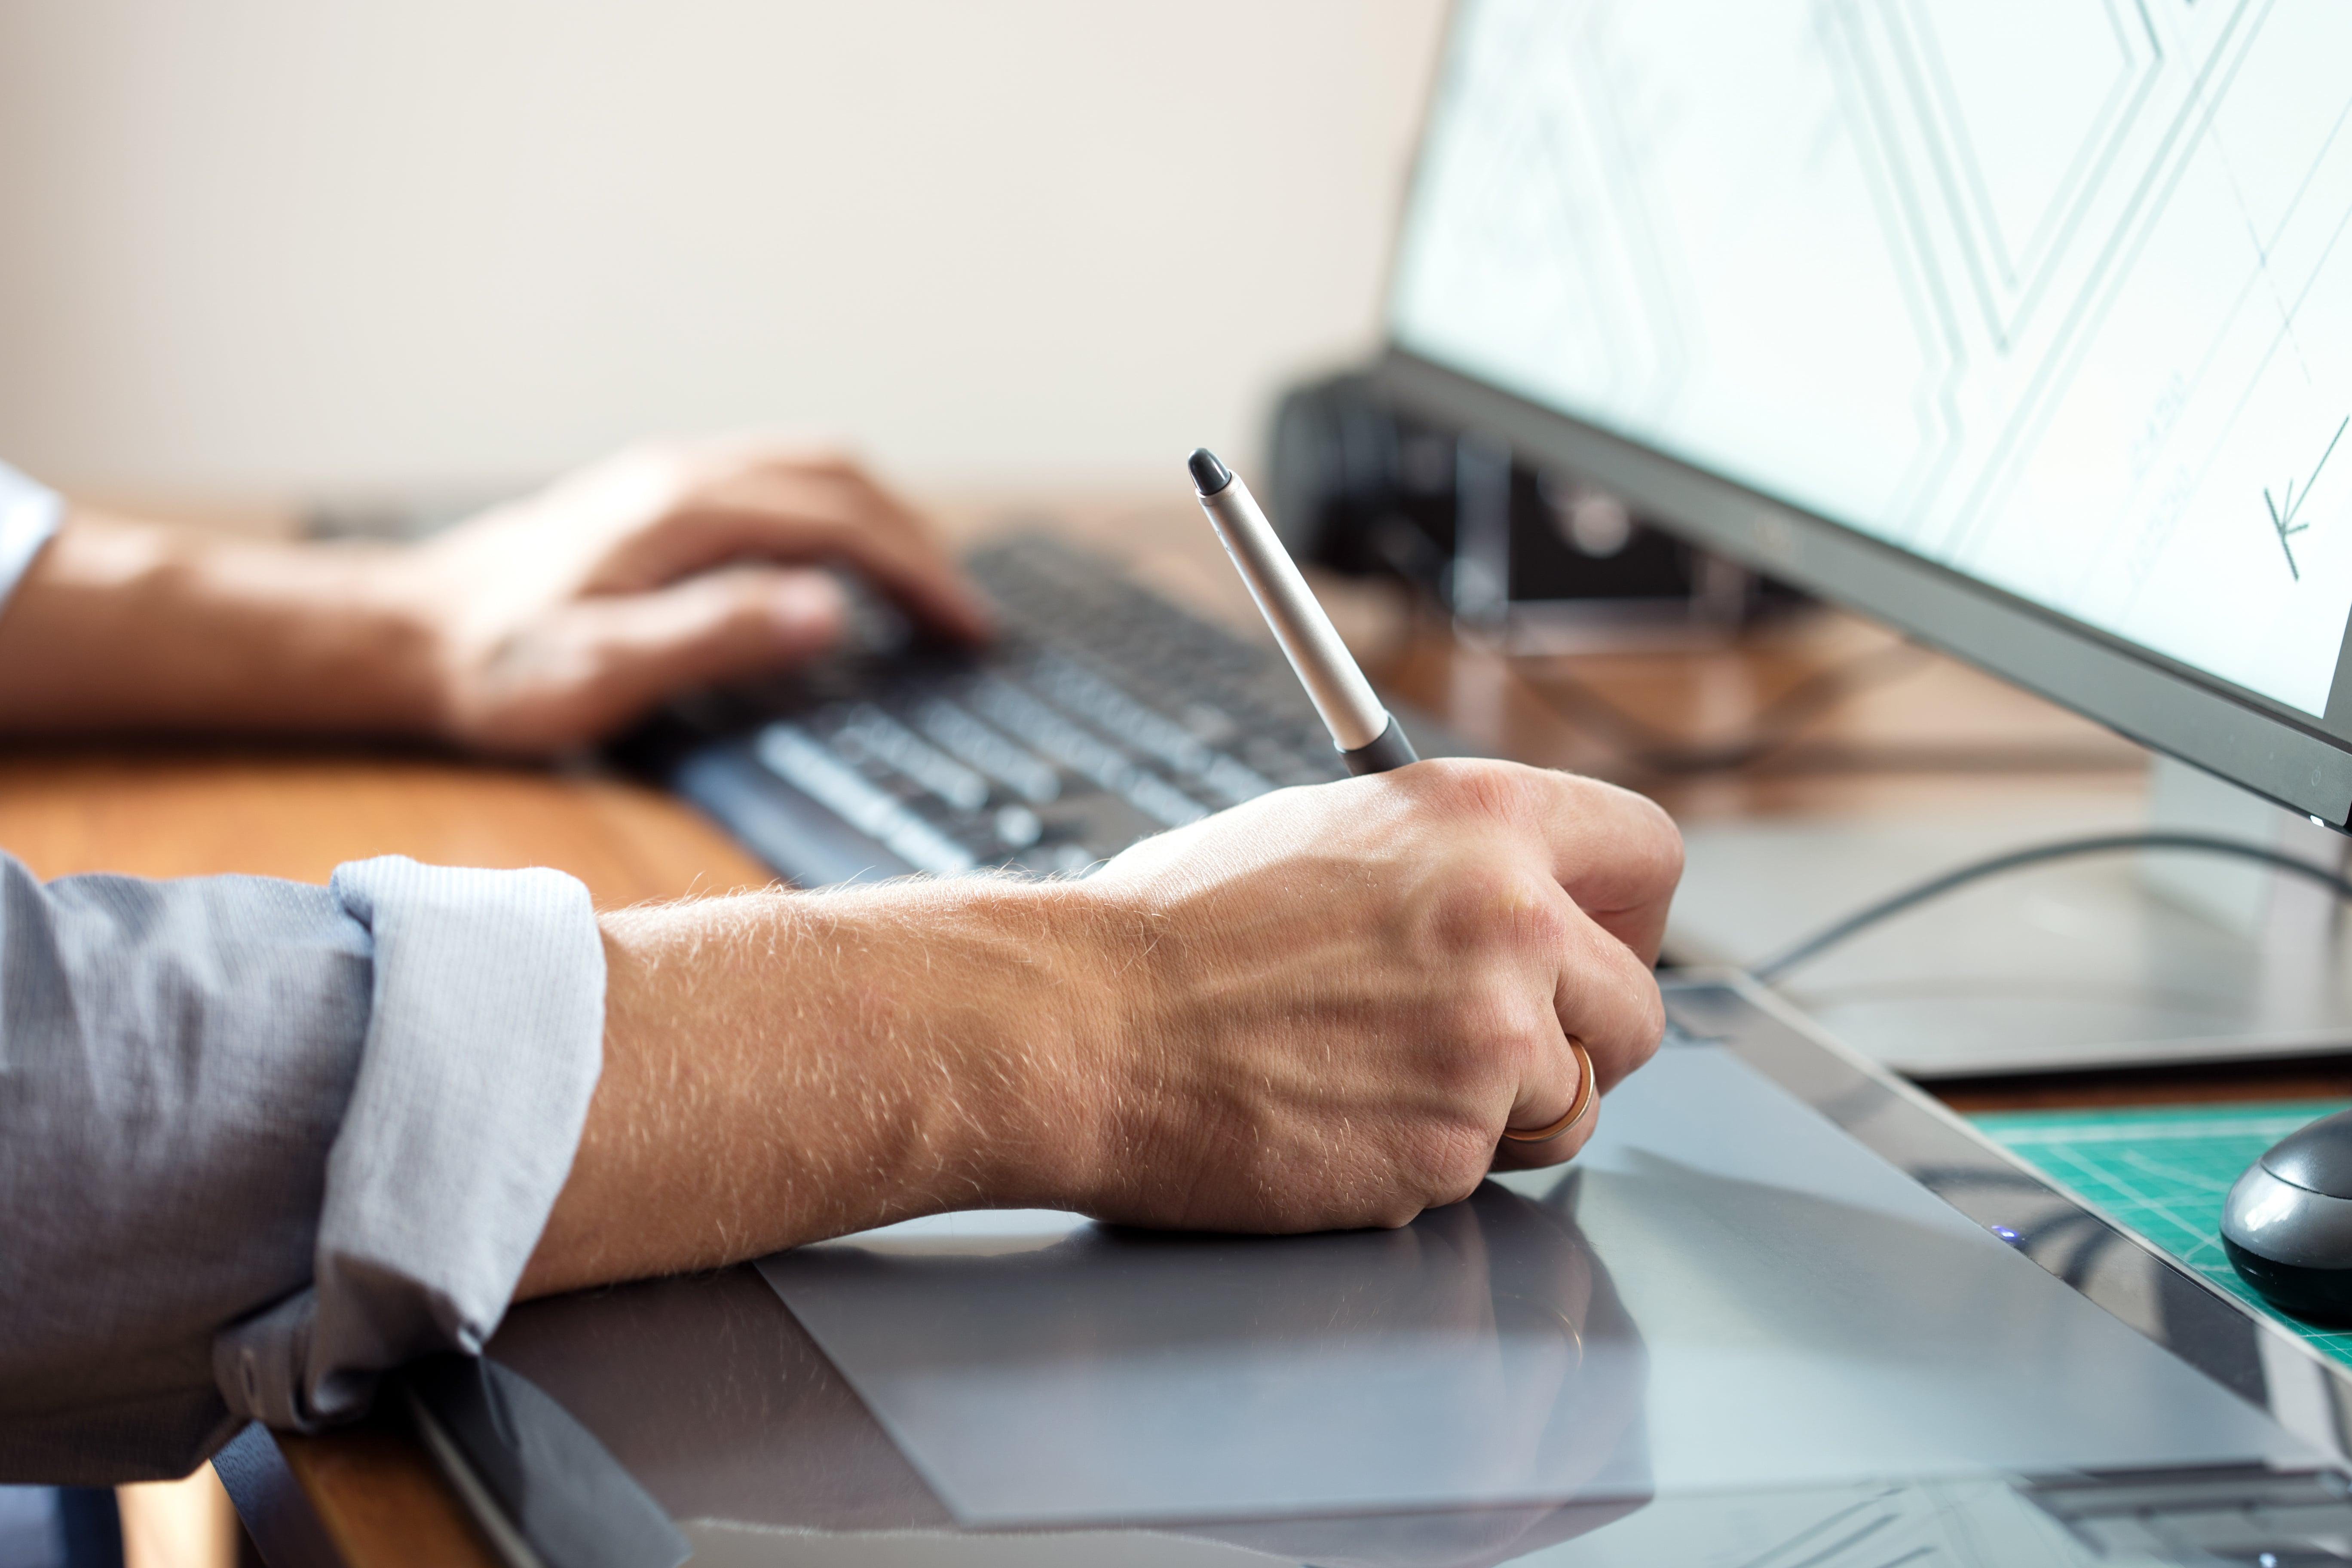 designing-computer-tablet.jpeg